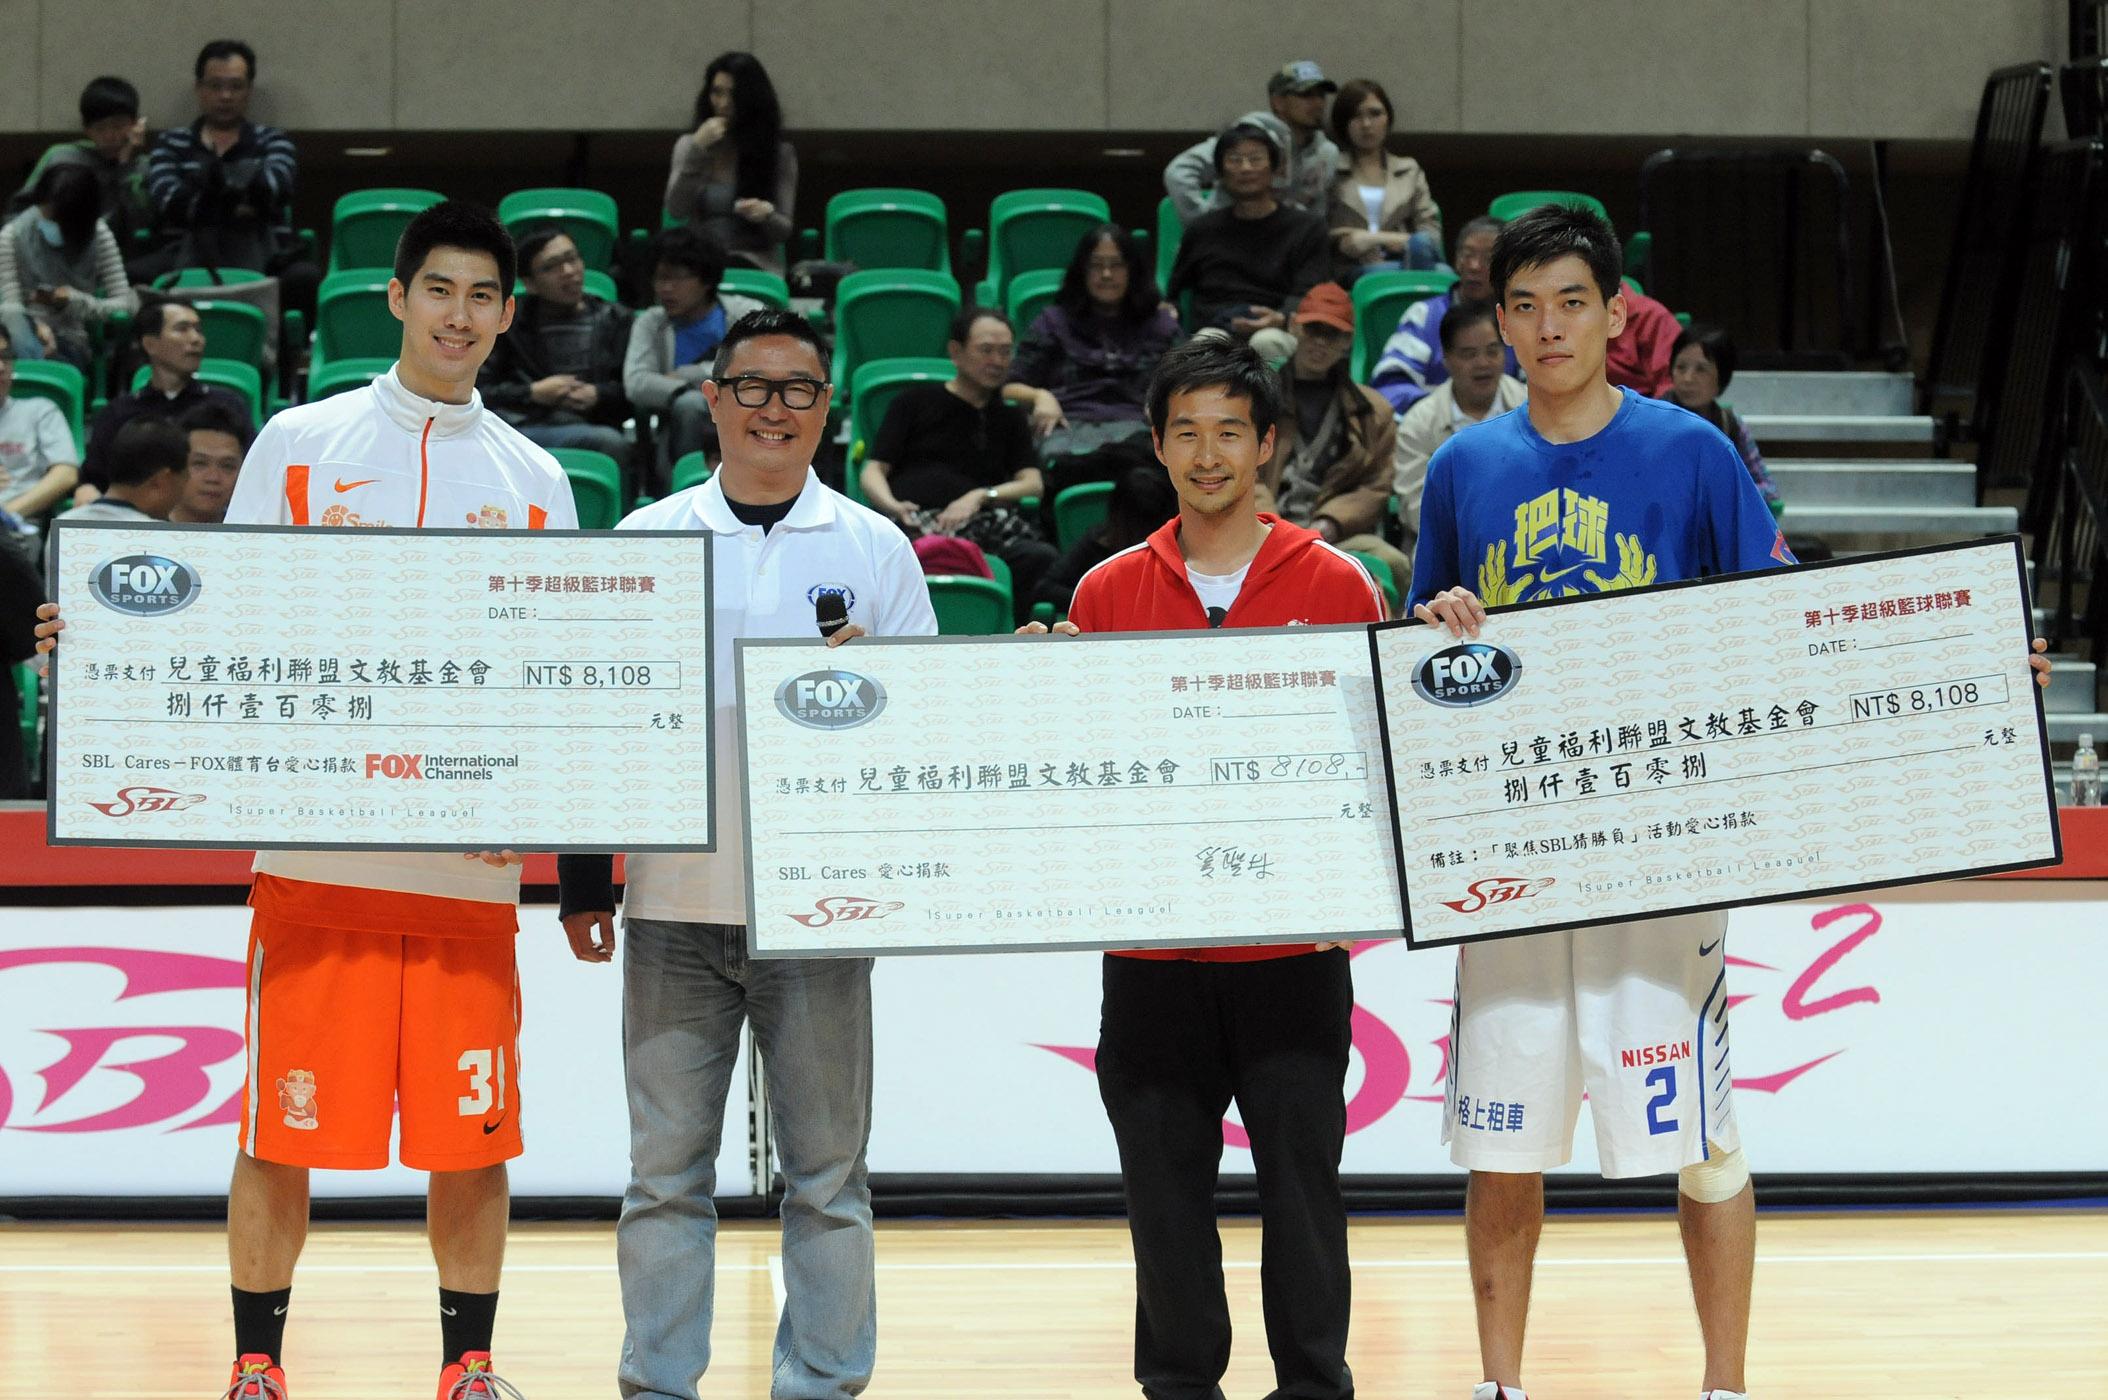 SBL球員璞園毛加恩(左一)、裕隆吳奉晟(右一)及FOX體育台總經理奚聖林(左二)共同代表捐出SBL Cares慈善捐款支票予兒福聯盟代表李文傑